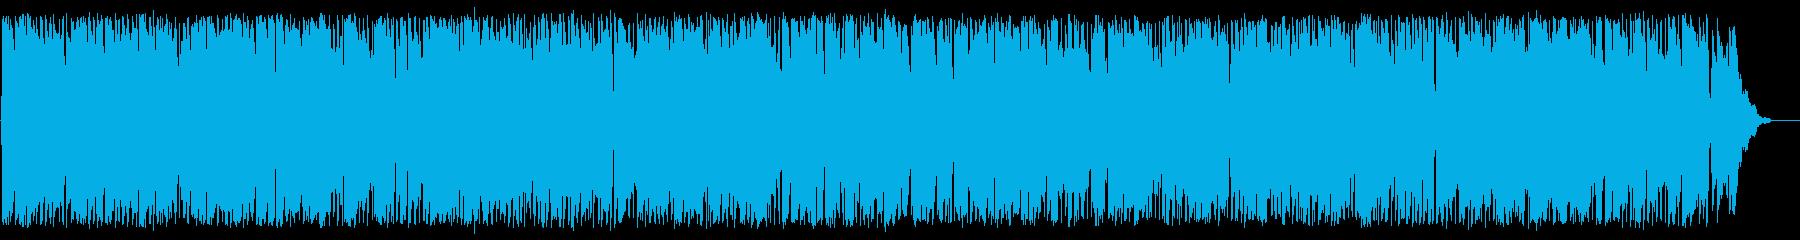 さやかに星はきらめき(acoustic)の再生済みの波形